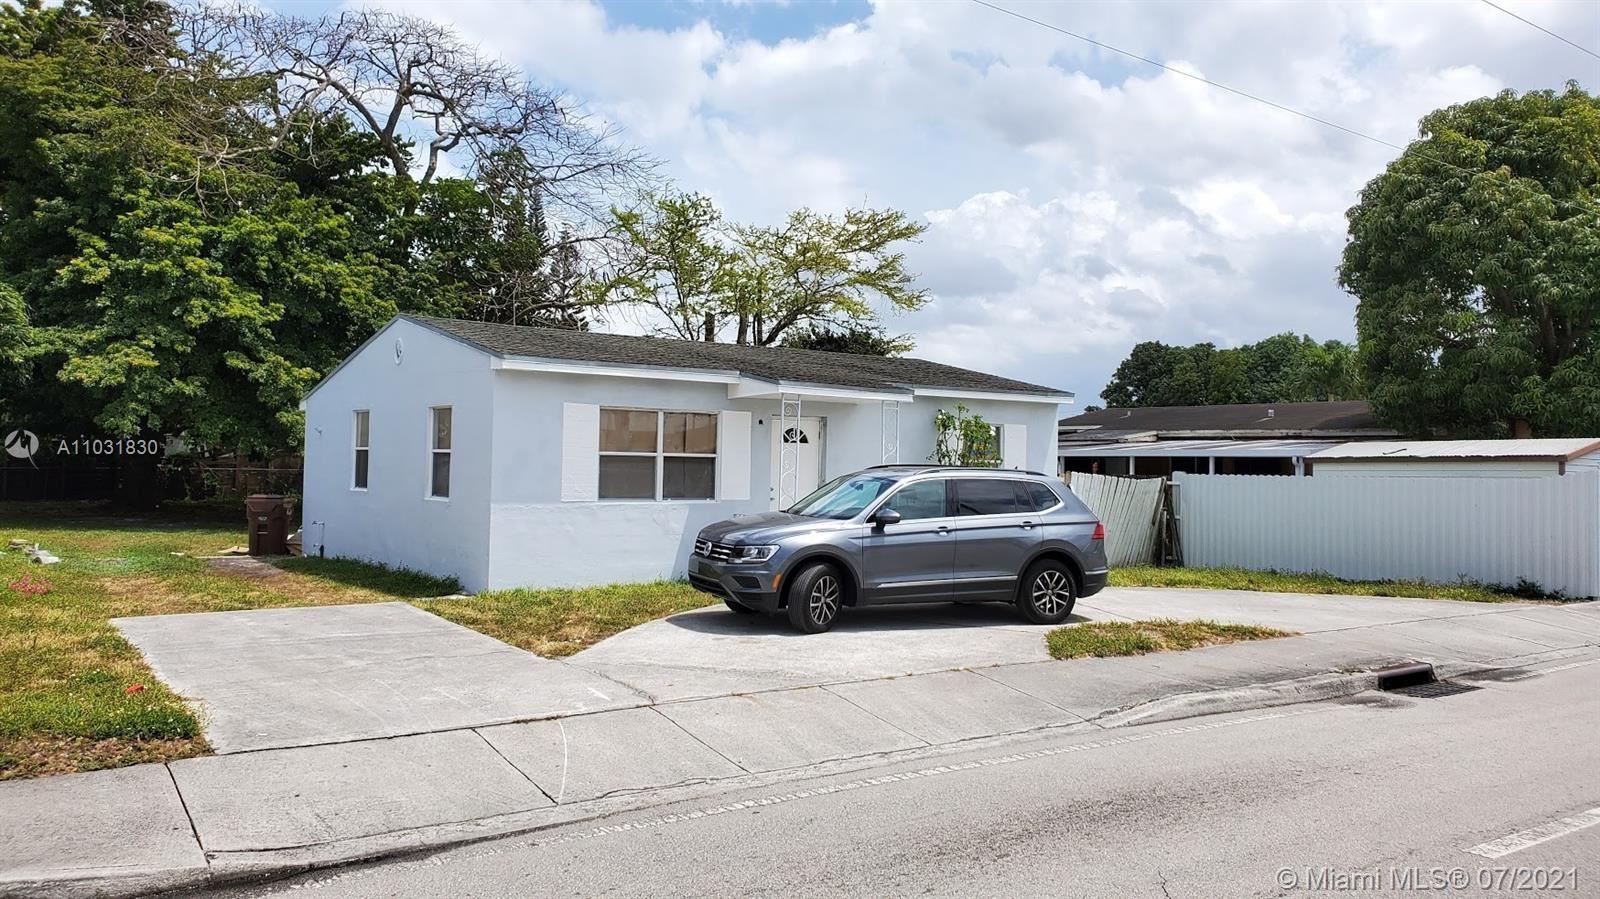 5449 E 4th Ave, Hialeah, FL 33013 - #: A11031830